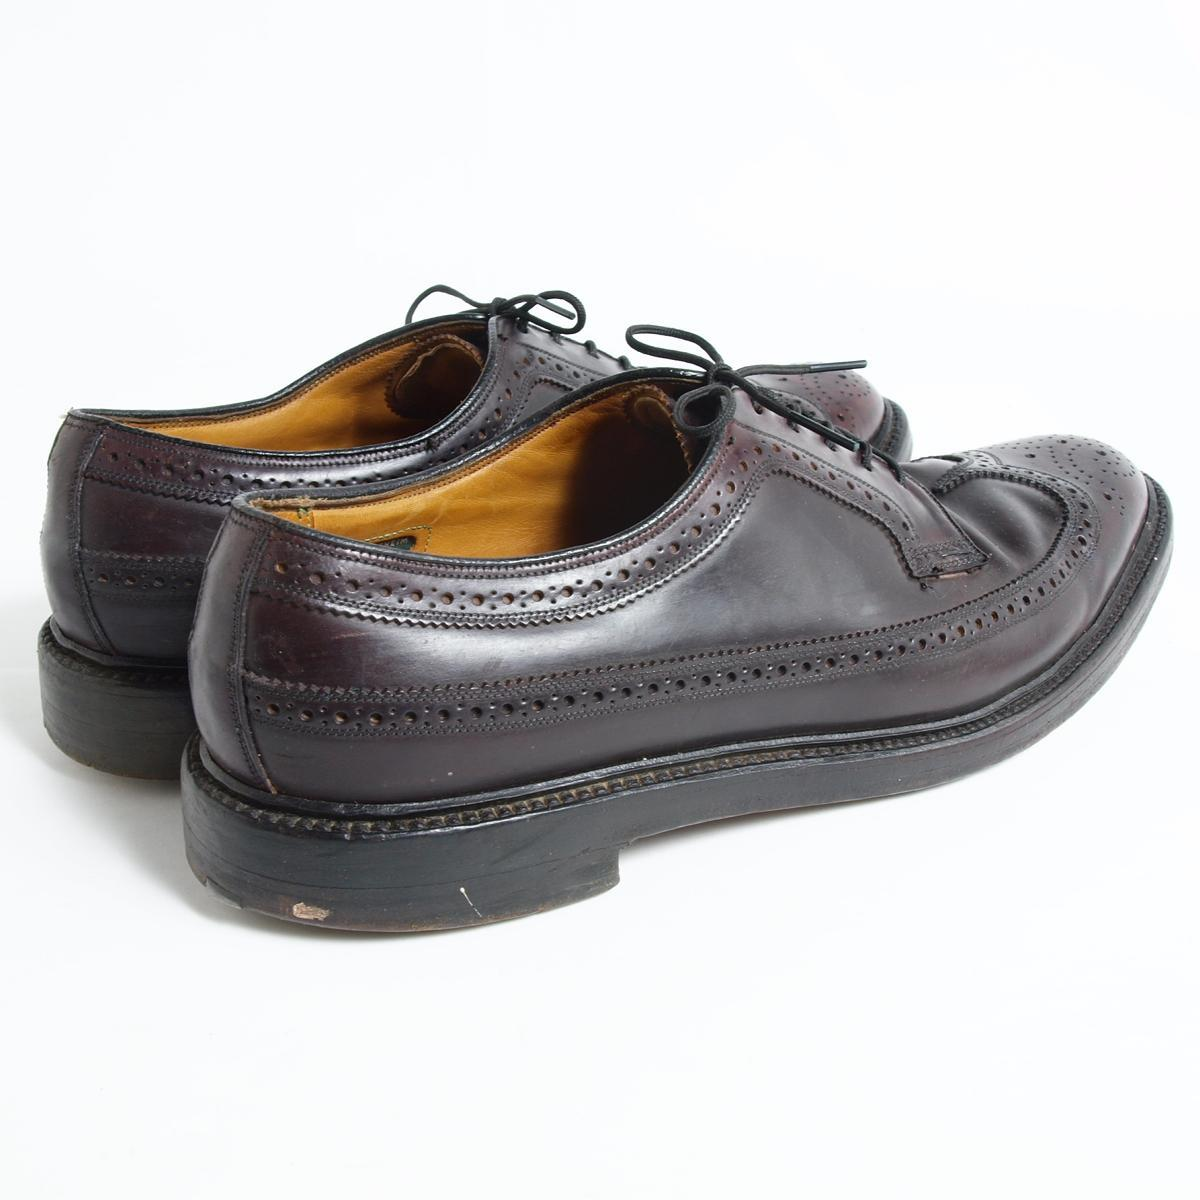 60年代Florsheim IMPERIAL帝国的USA制造翼梢鞋10C人28.0cm复古Florsheim/bok4458